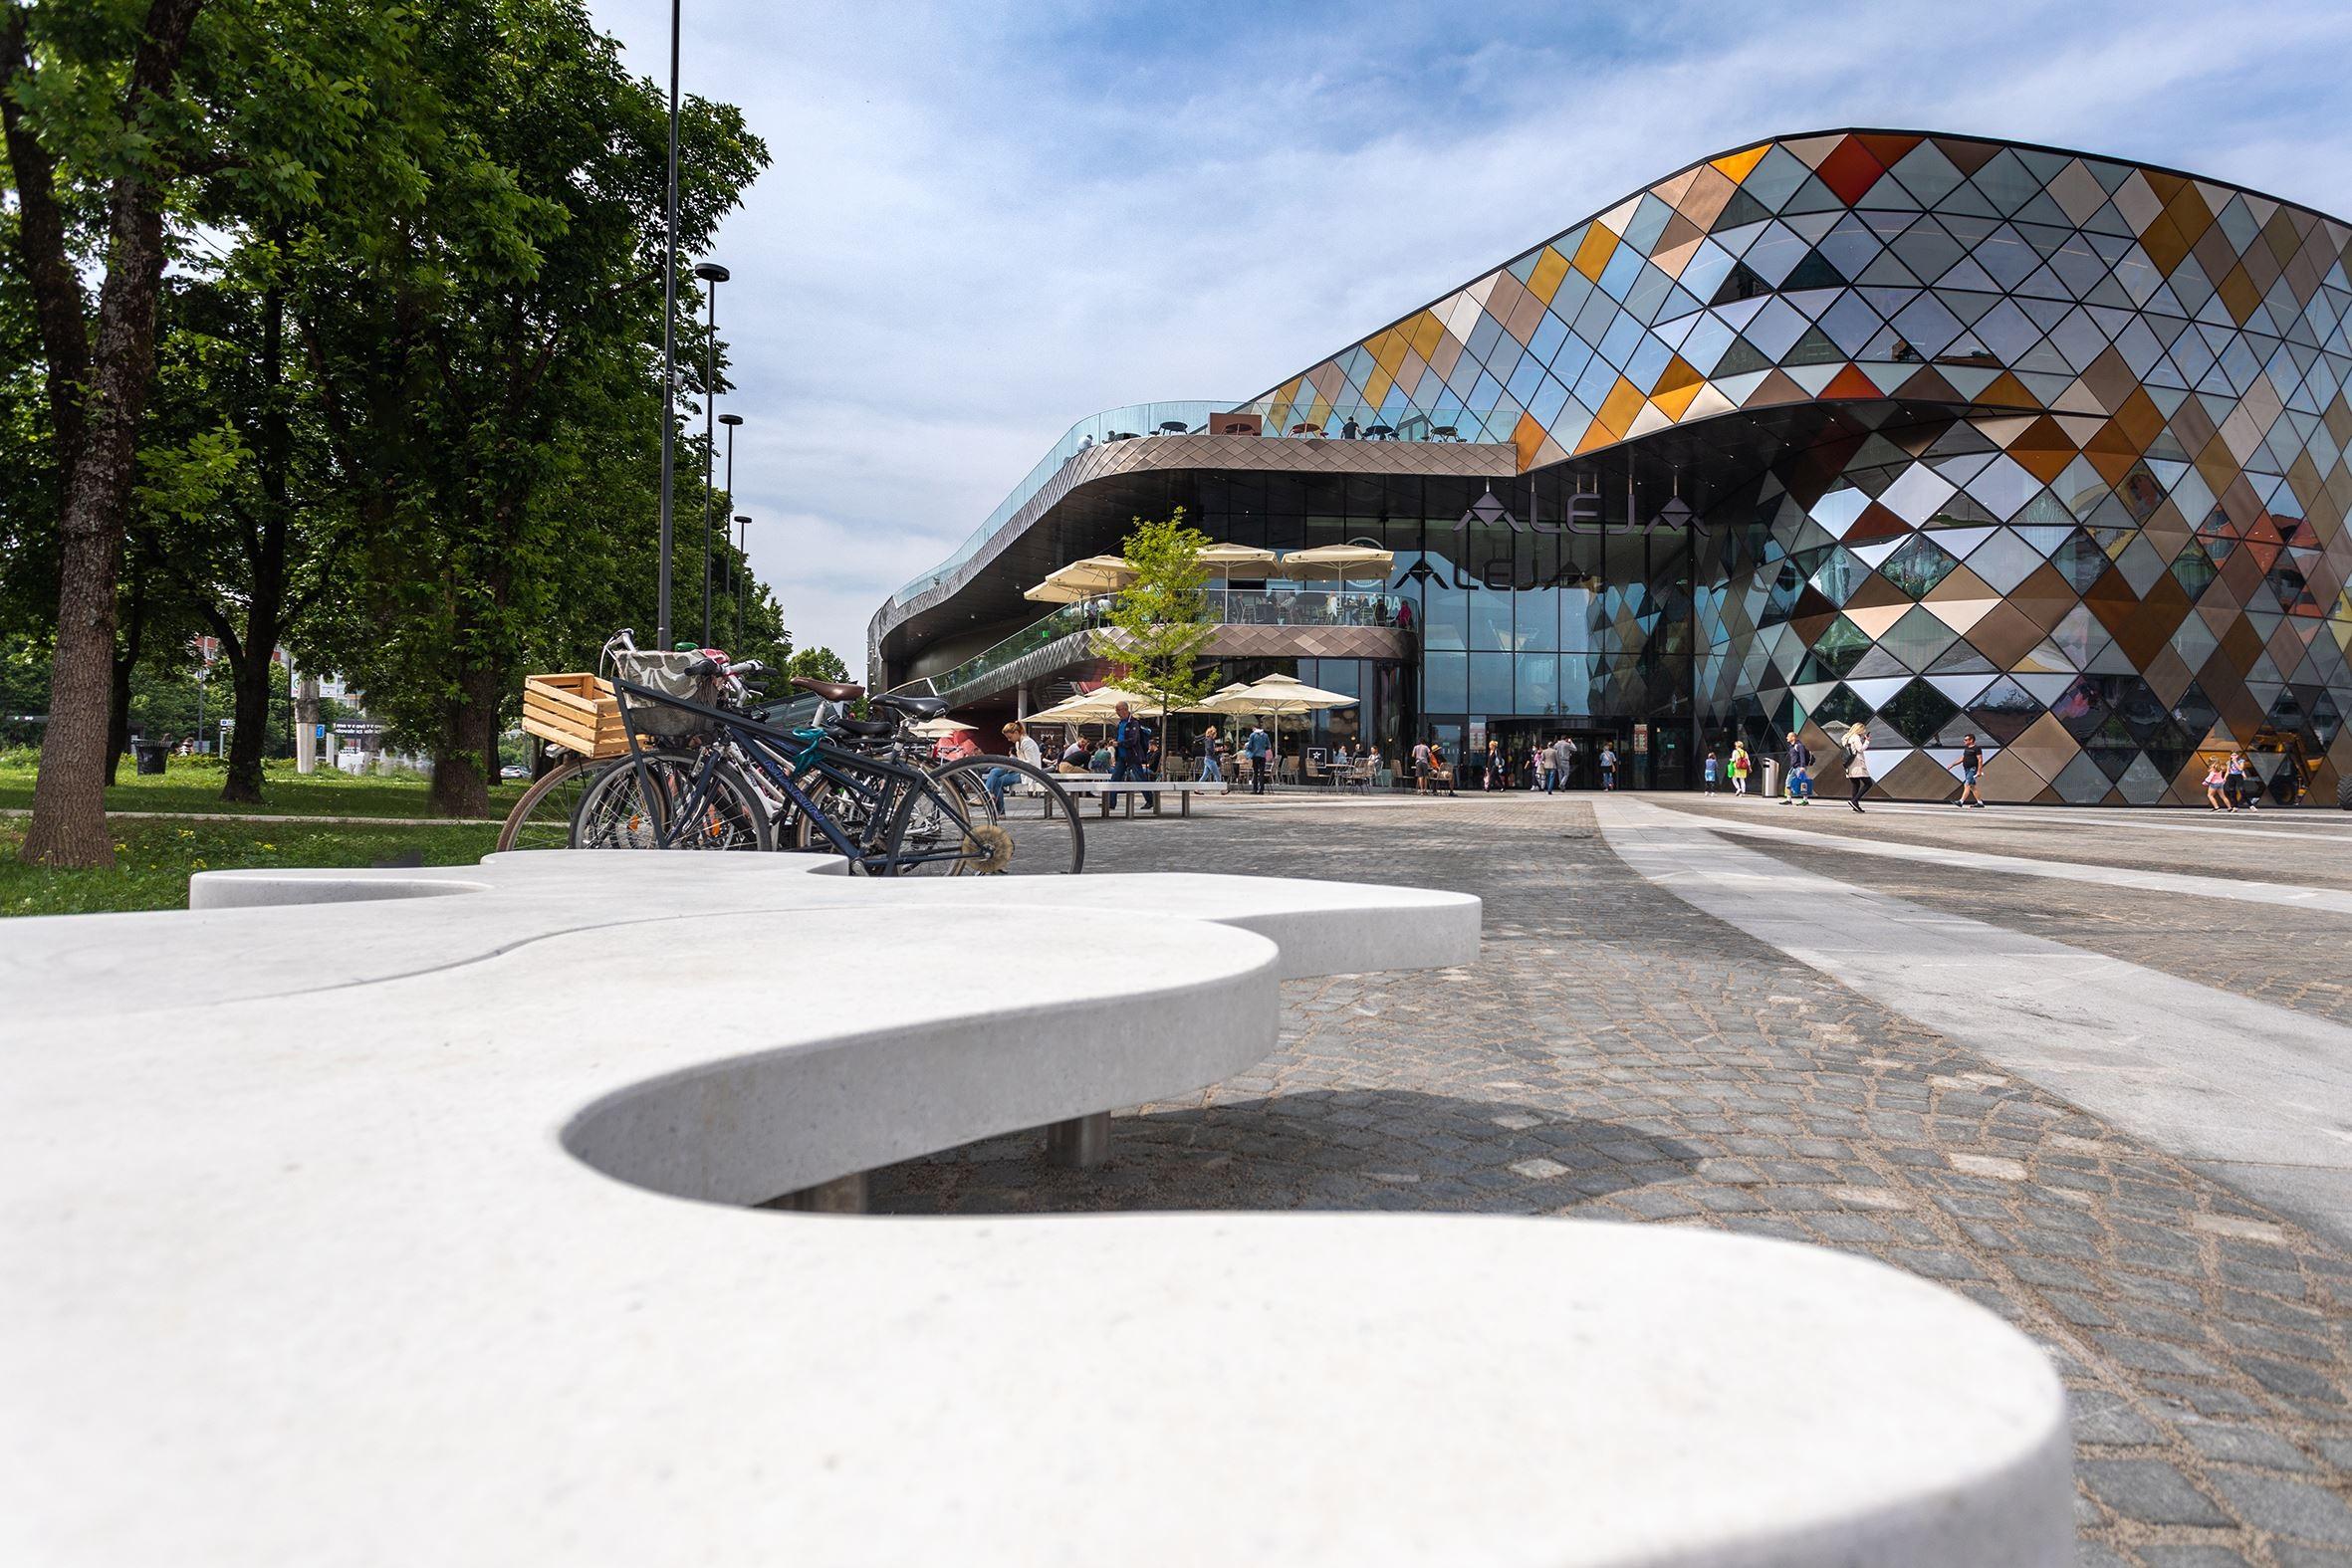 Schon im März fertig wurde das von ATP geplante ALEJA-Center in Ljubljana nun eröffnet<br><span class='image_copyright'>Jost Gantar/VELIKA</span><br>